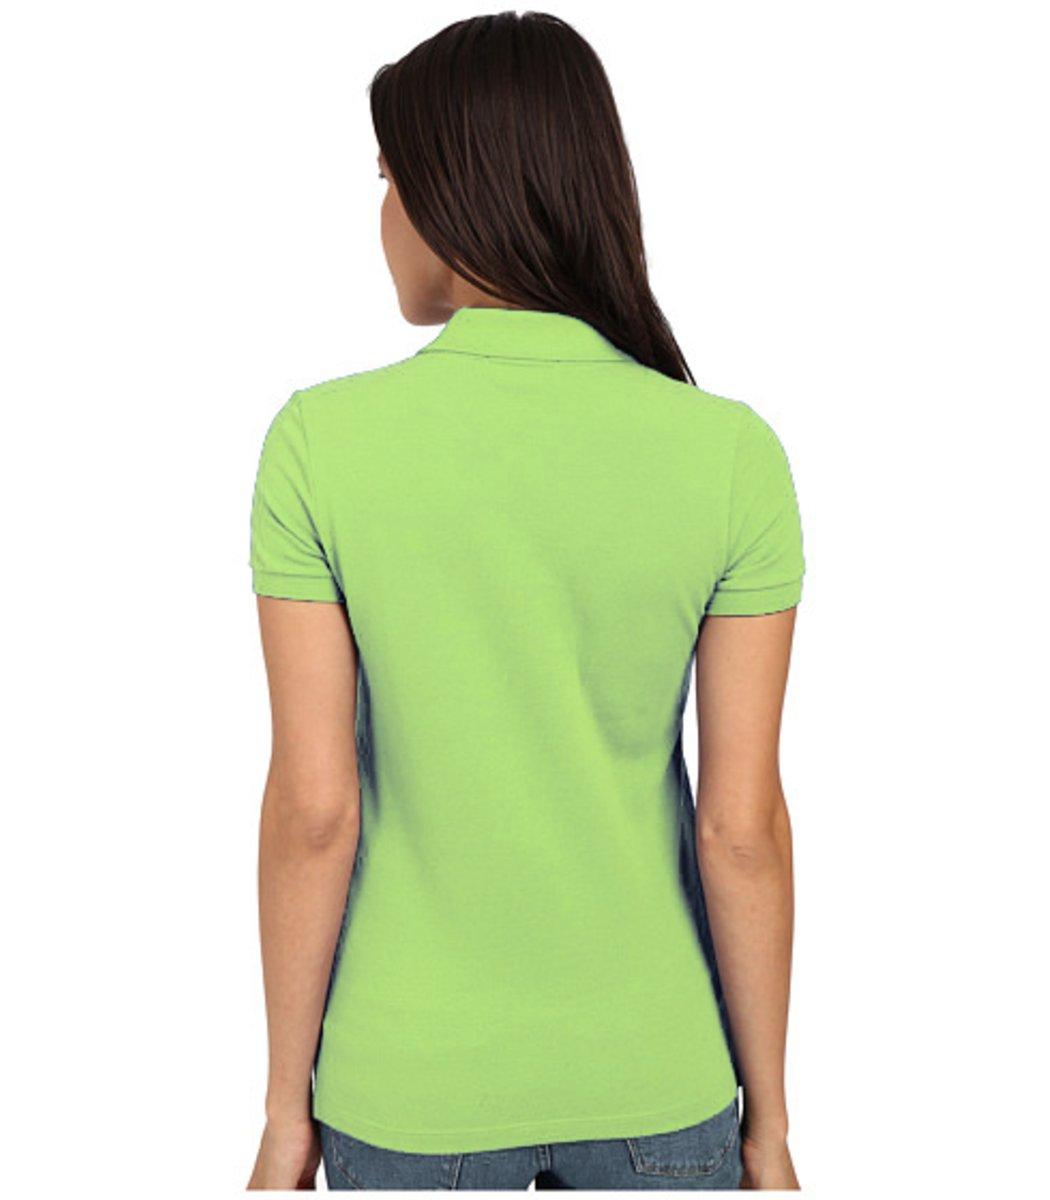 Женская салатовая футболка поло Lacoste  - салатовый - Вид 2